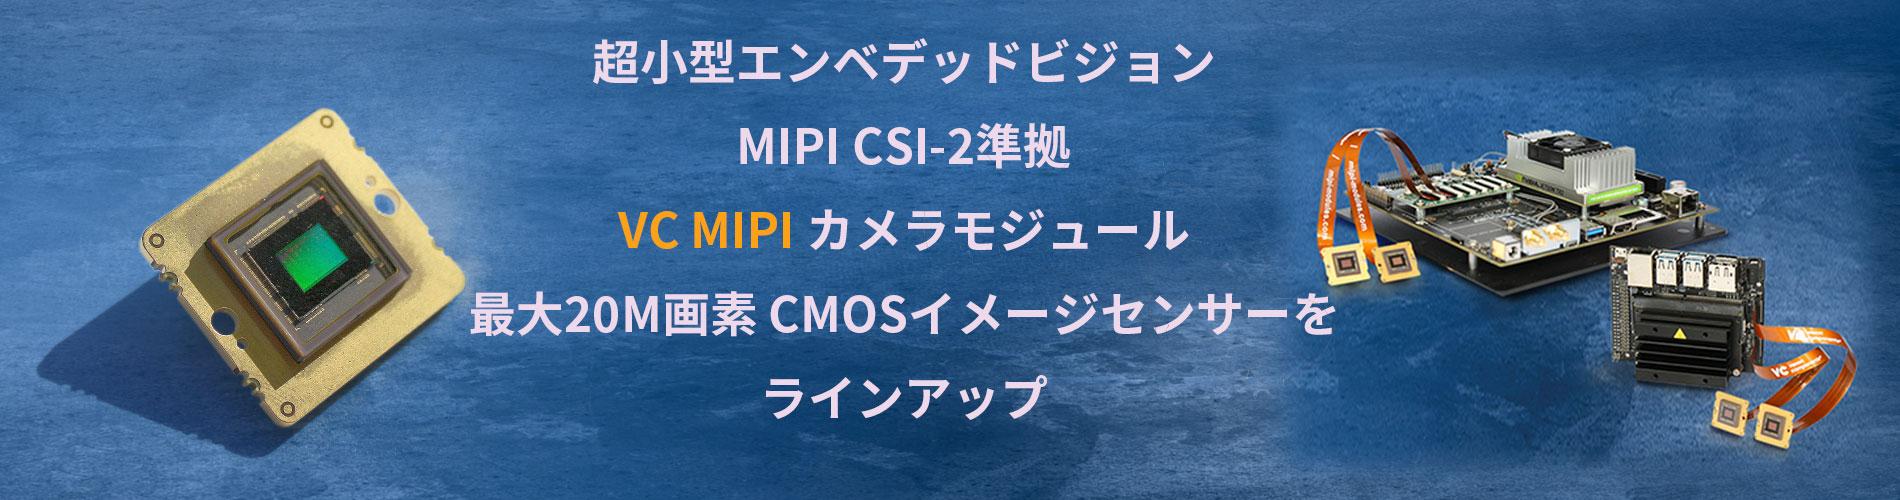 MIPIモジュール画像